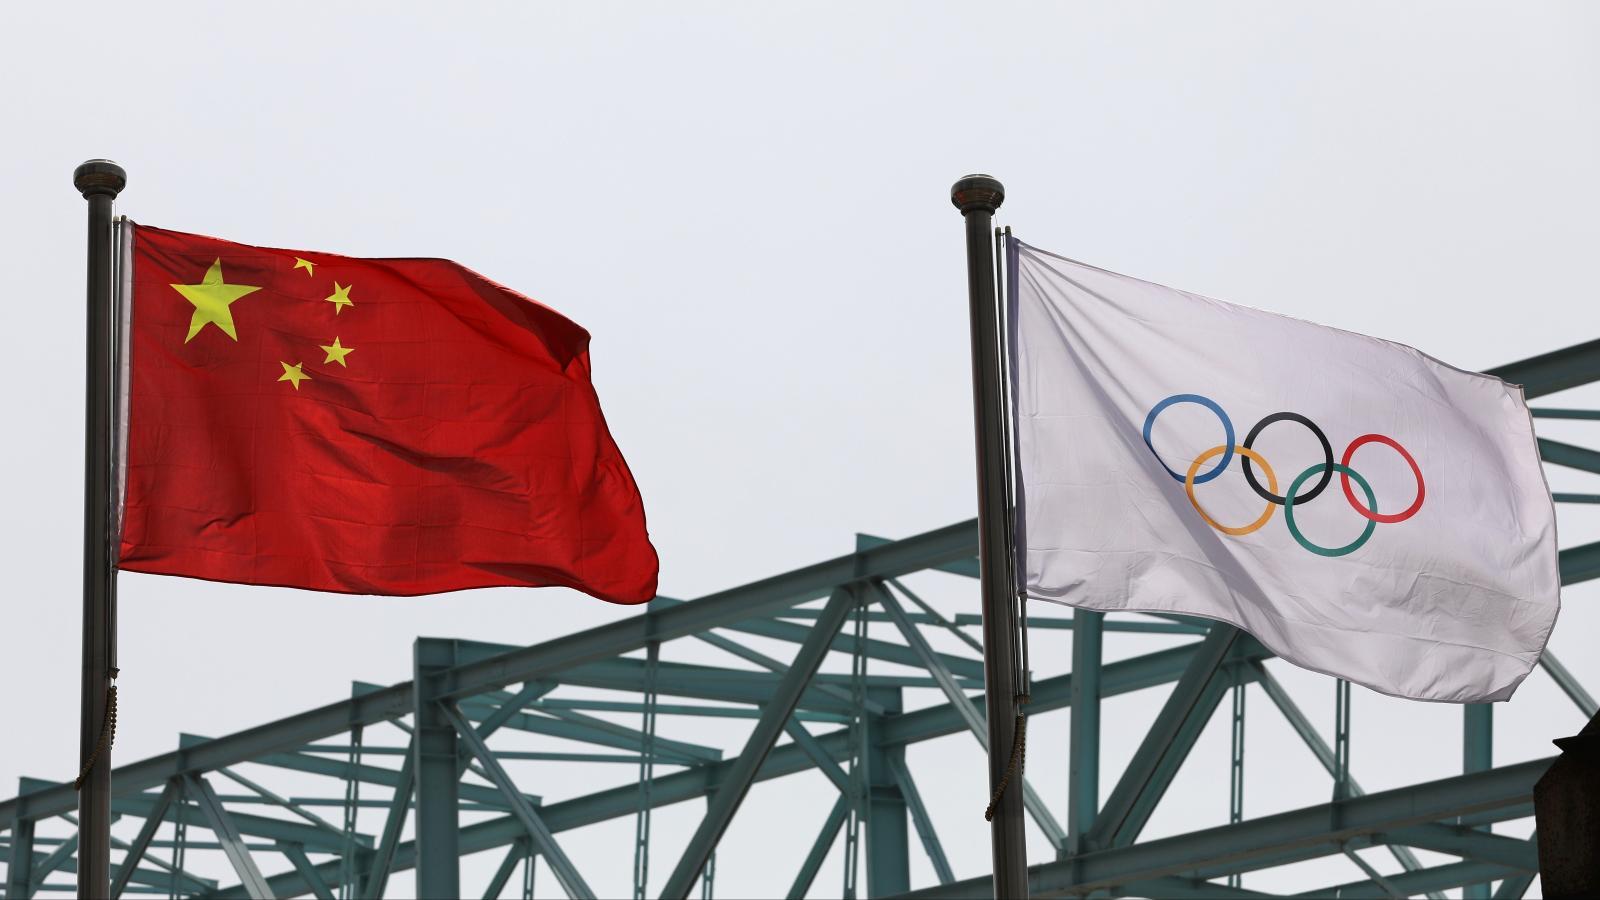 Les Jeux olympiques d'hiver de Pékin auront lieu du 4 au 20 février 2022. (Source : QZ)